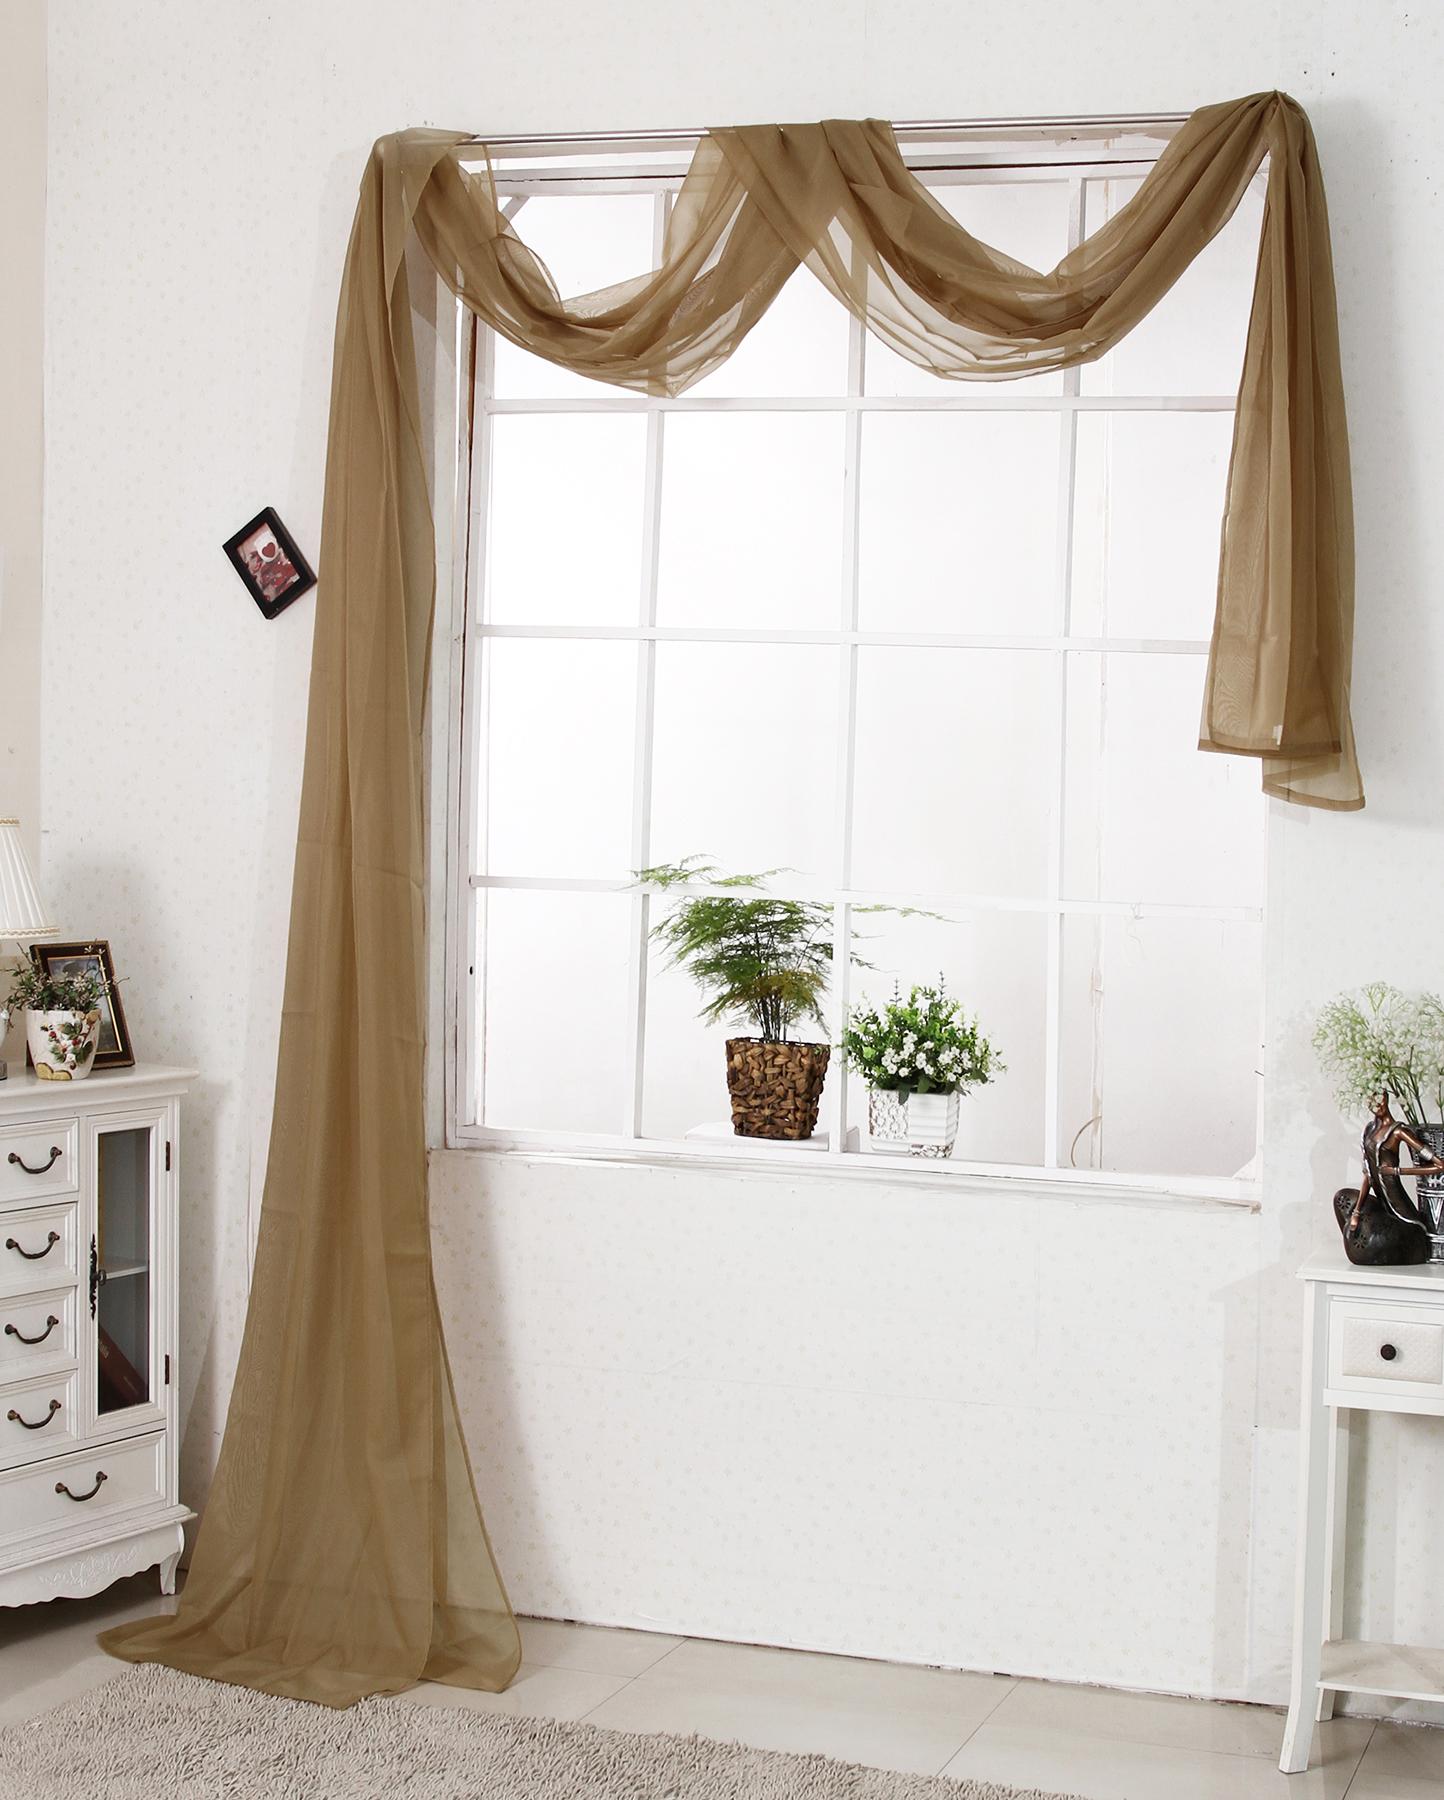 Querbehang bergardine gardine vorhang dekoschal for Fenster querbehang